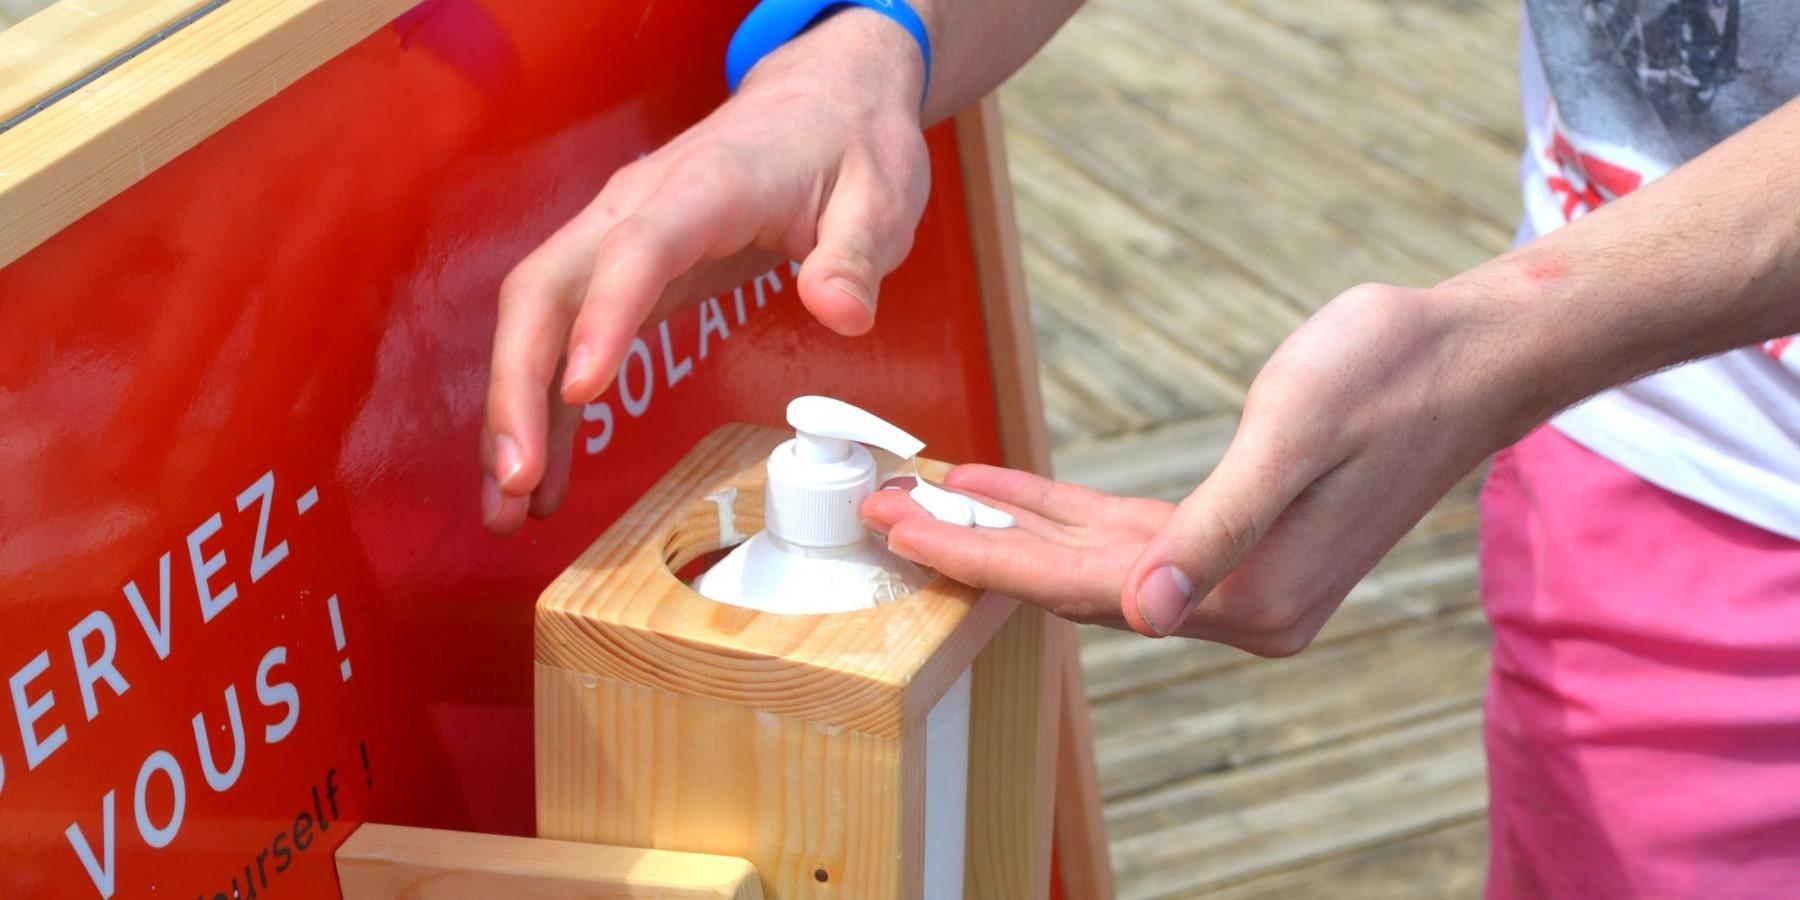 Distributeurs et livraison de crème solaire à Biarritz